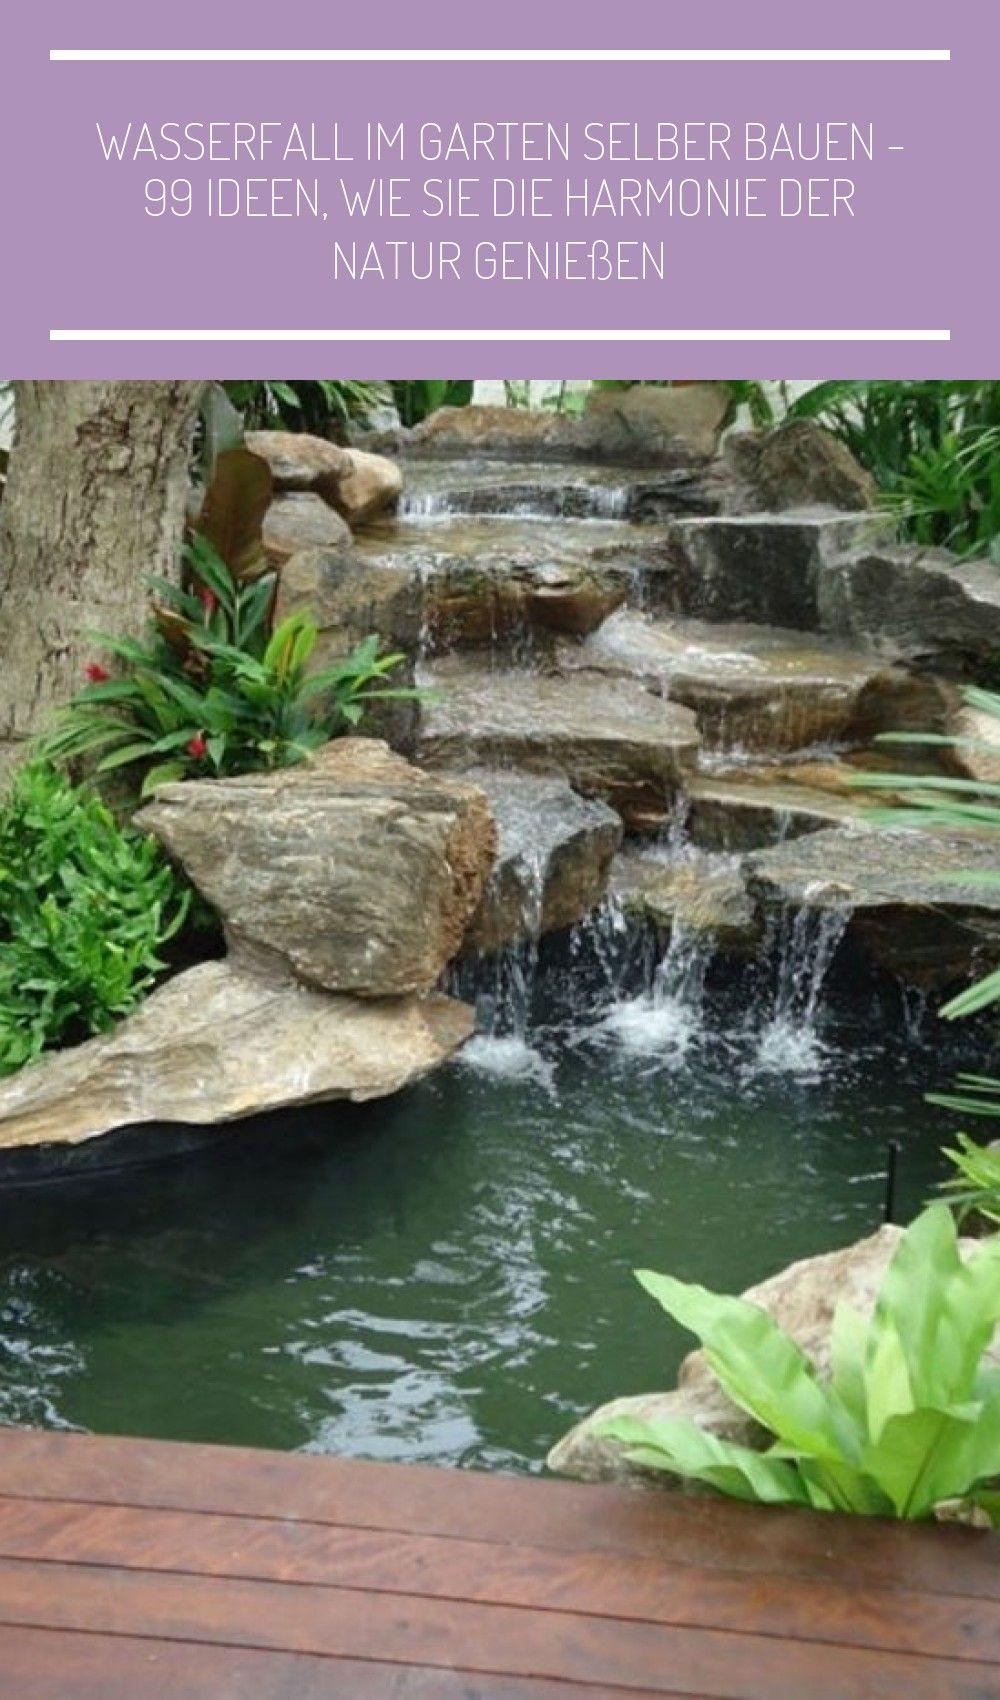 Wasserfall Im Garten Gartendeko Steine Garten Landschaftsbau Wasser Wasserfall Im Garten Selber Bauen 99 Ideen Wie Sie Die Harmonie Der Natur Geniessen